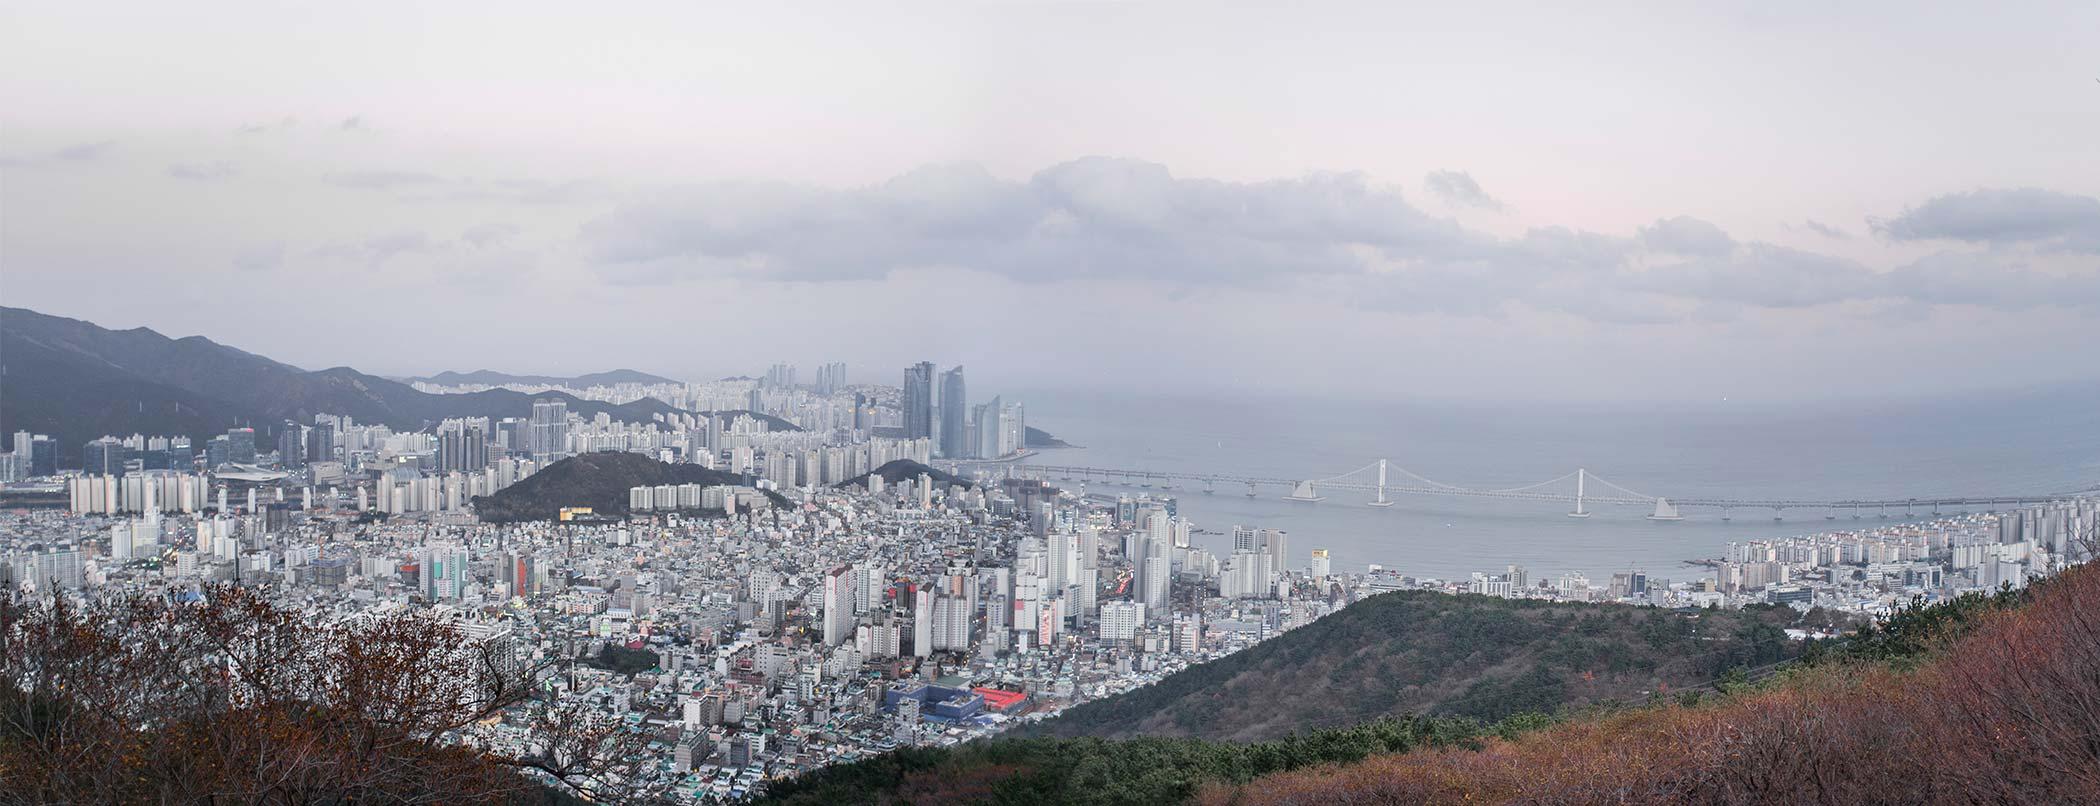 Panorama of Busan.